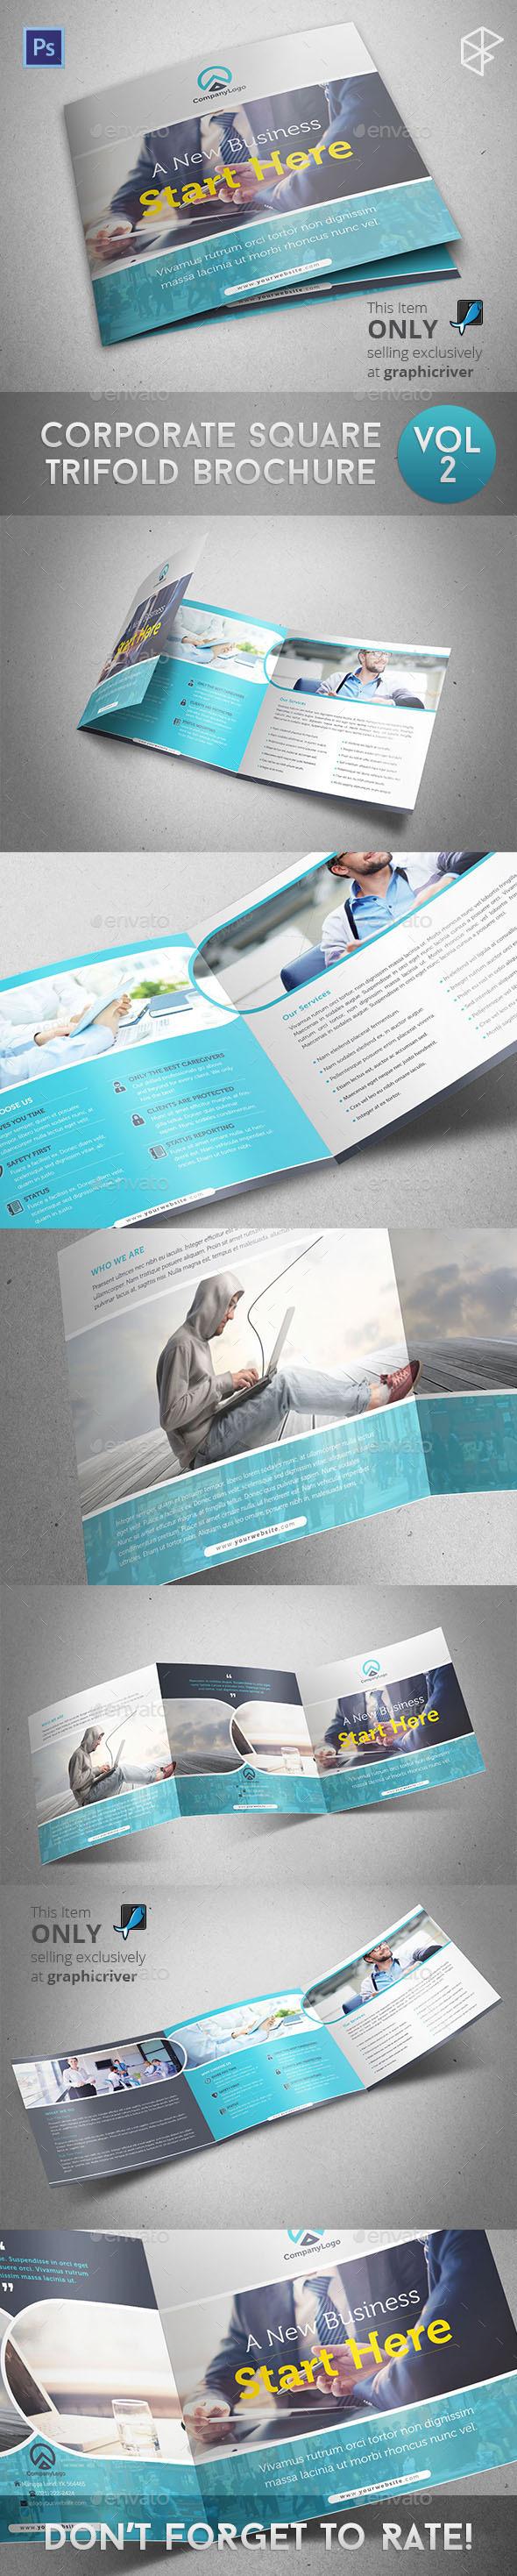 GraphicRiver Corporate Square Trifold Brochure Vol 2 11362829